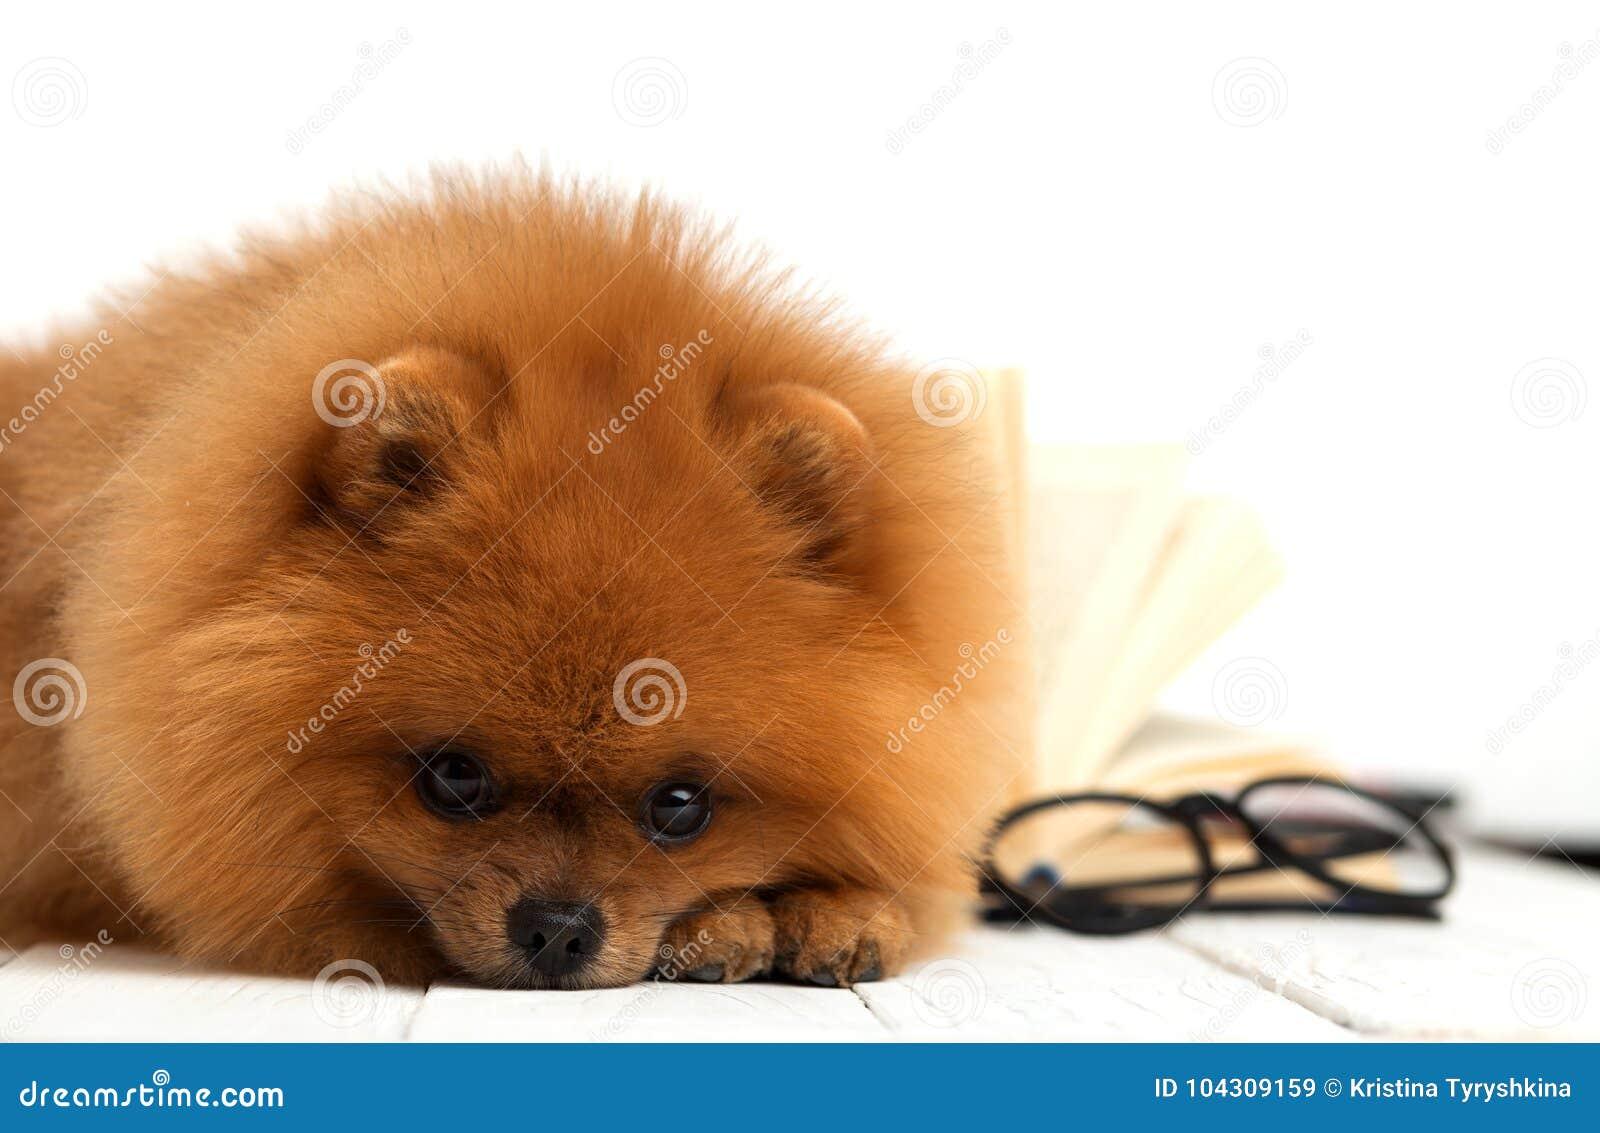 Chien Pomeranian Intelligent Avec Un Livre Un Chien Abrite Dans Une Couverture Avec Un Livre Chien Serieux Avec Des Verres Chien Image Stock Image Du Serieux Chien 104309159